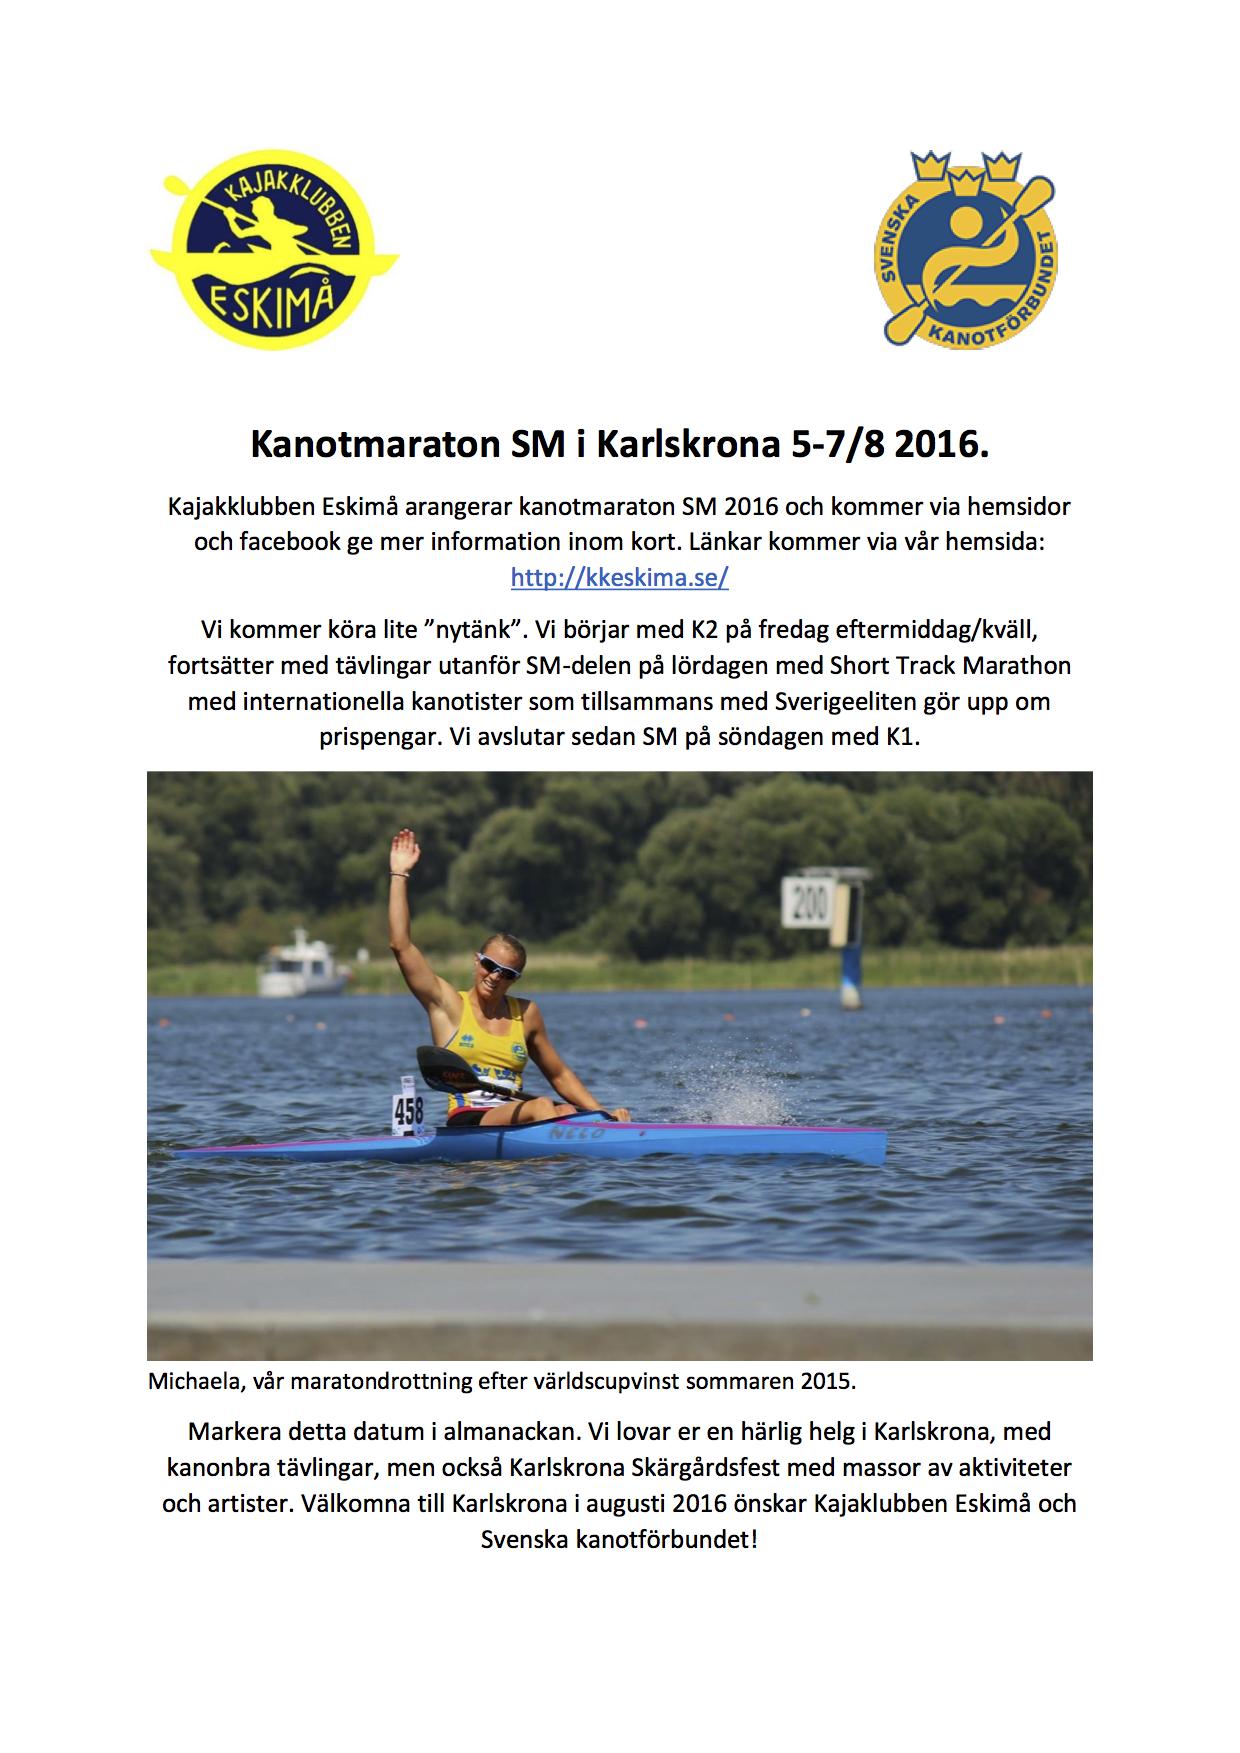 Välkomna-till-kanotmaraton-SM-i-Karlskrona